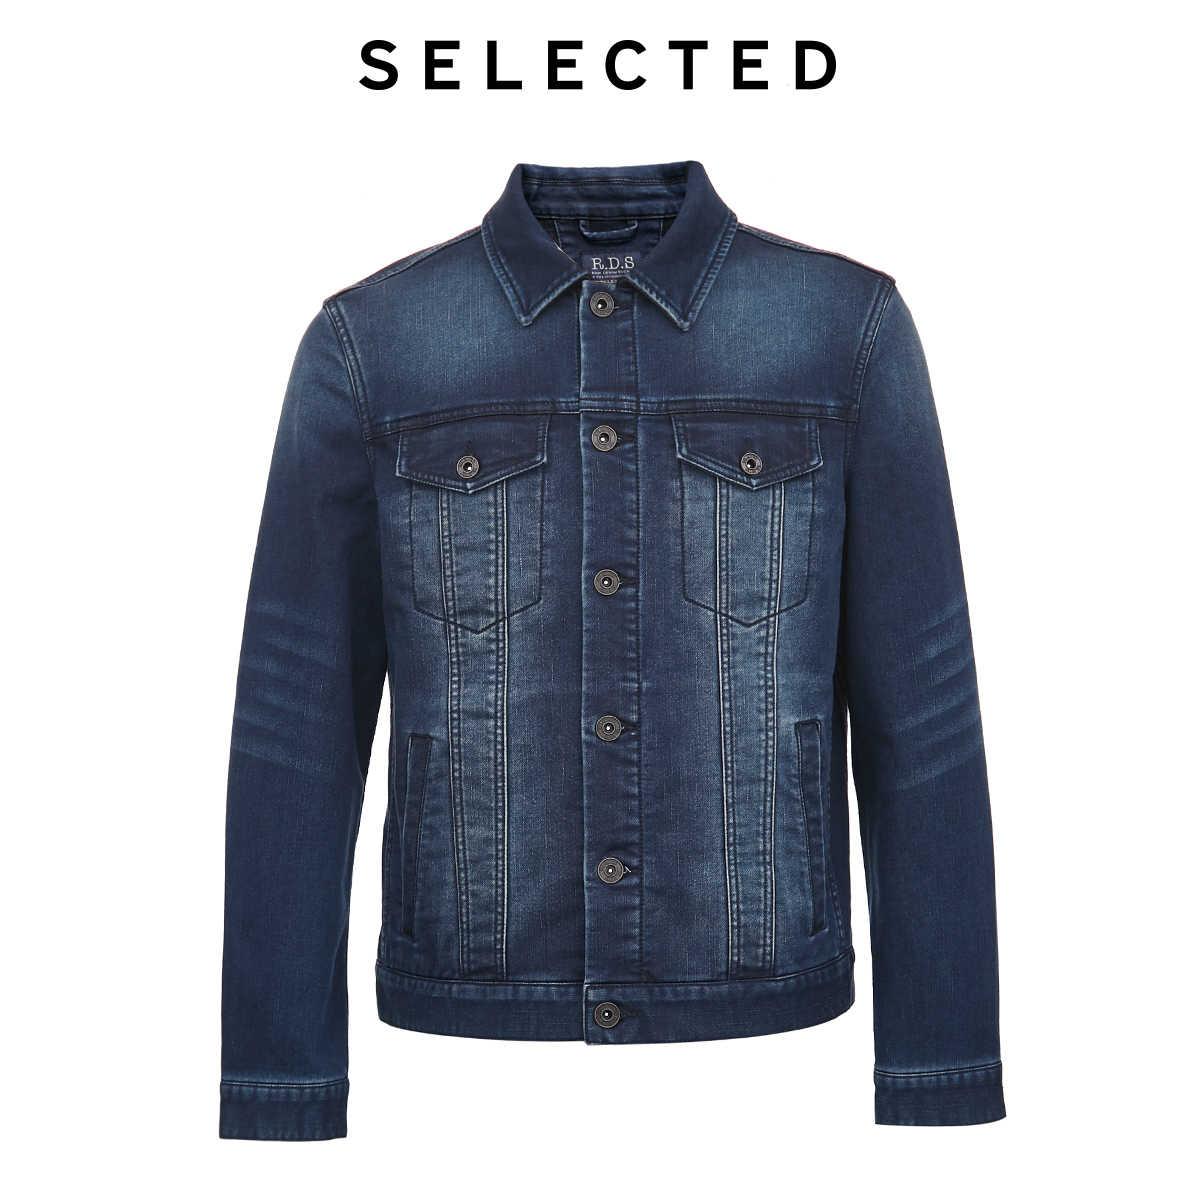 選択された男性の綿混紡生き抜く服カジュアル洗浄デニムジャケット機能コート私は | 419357506